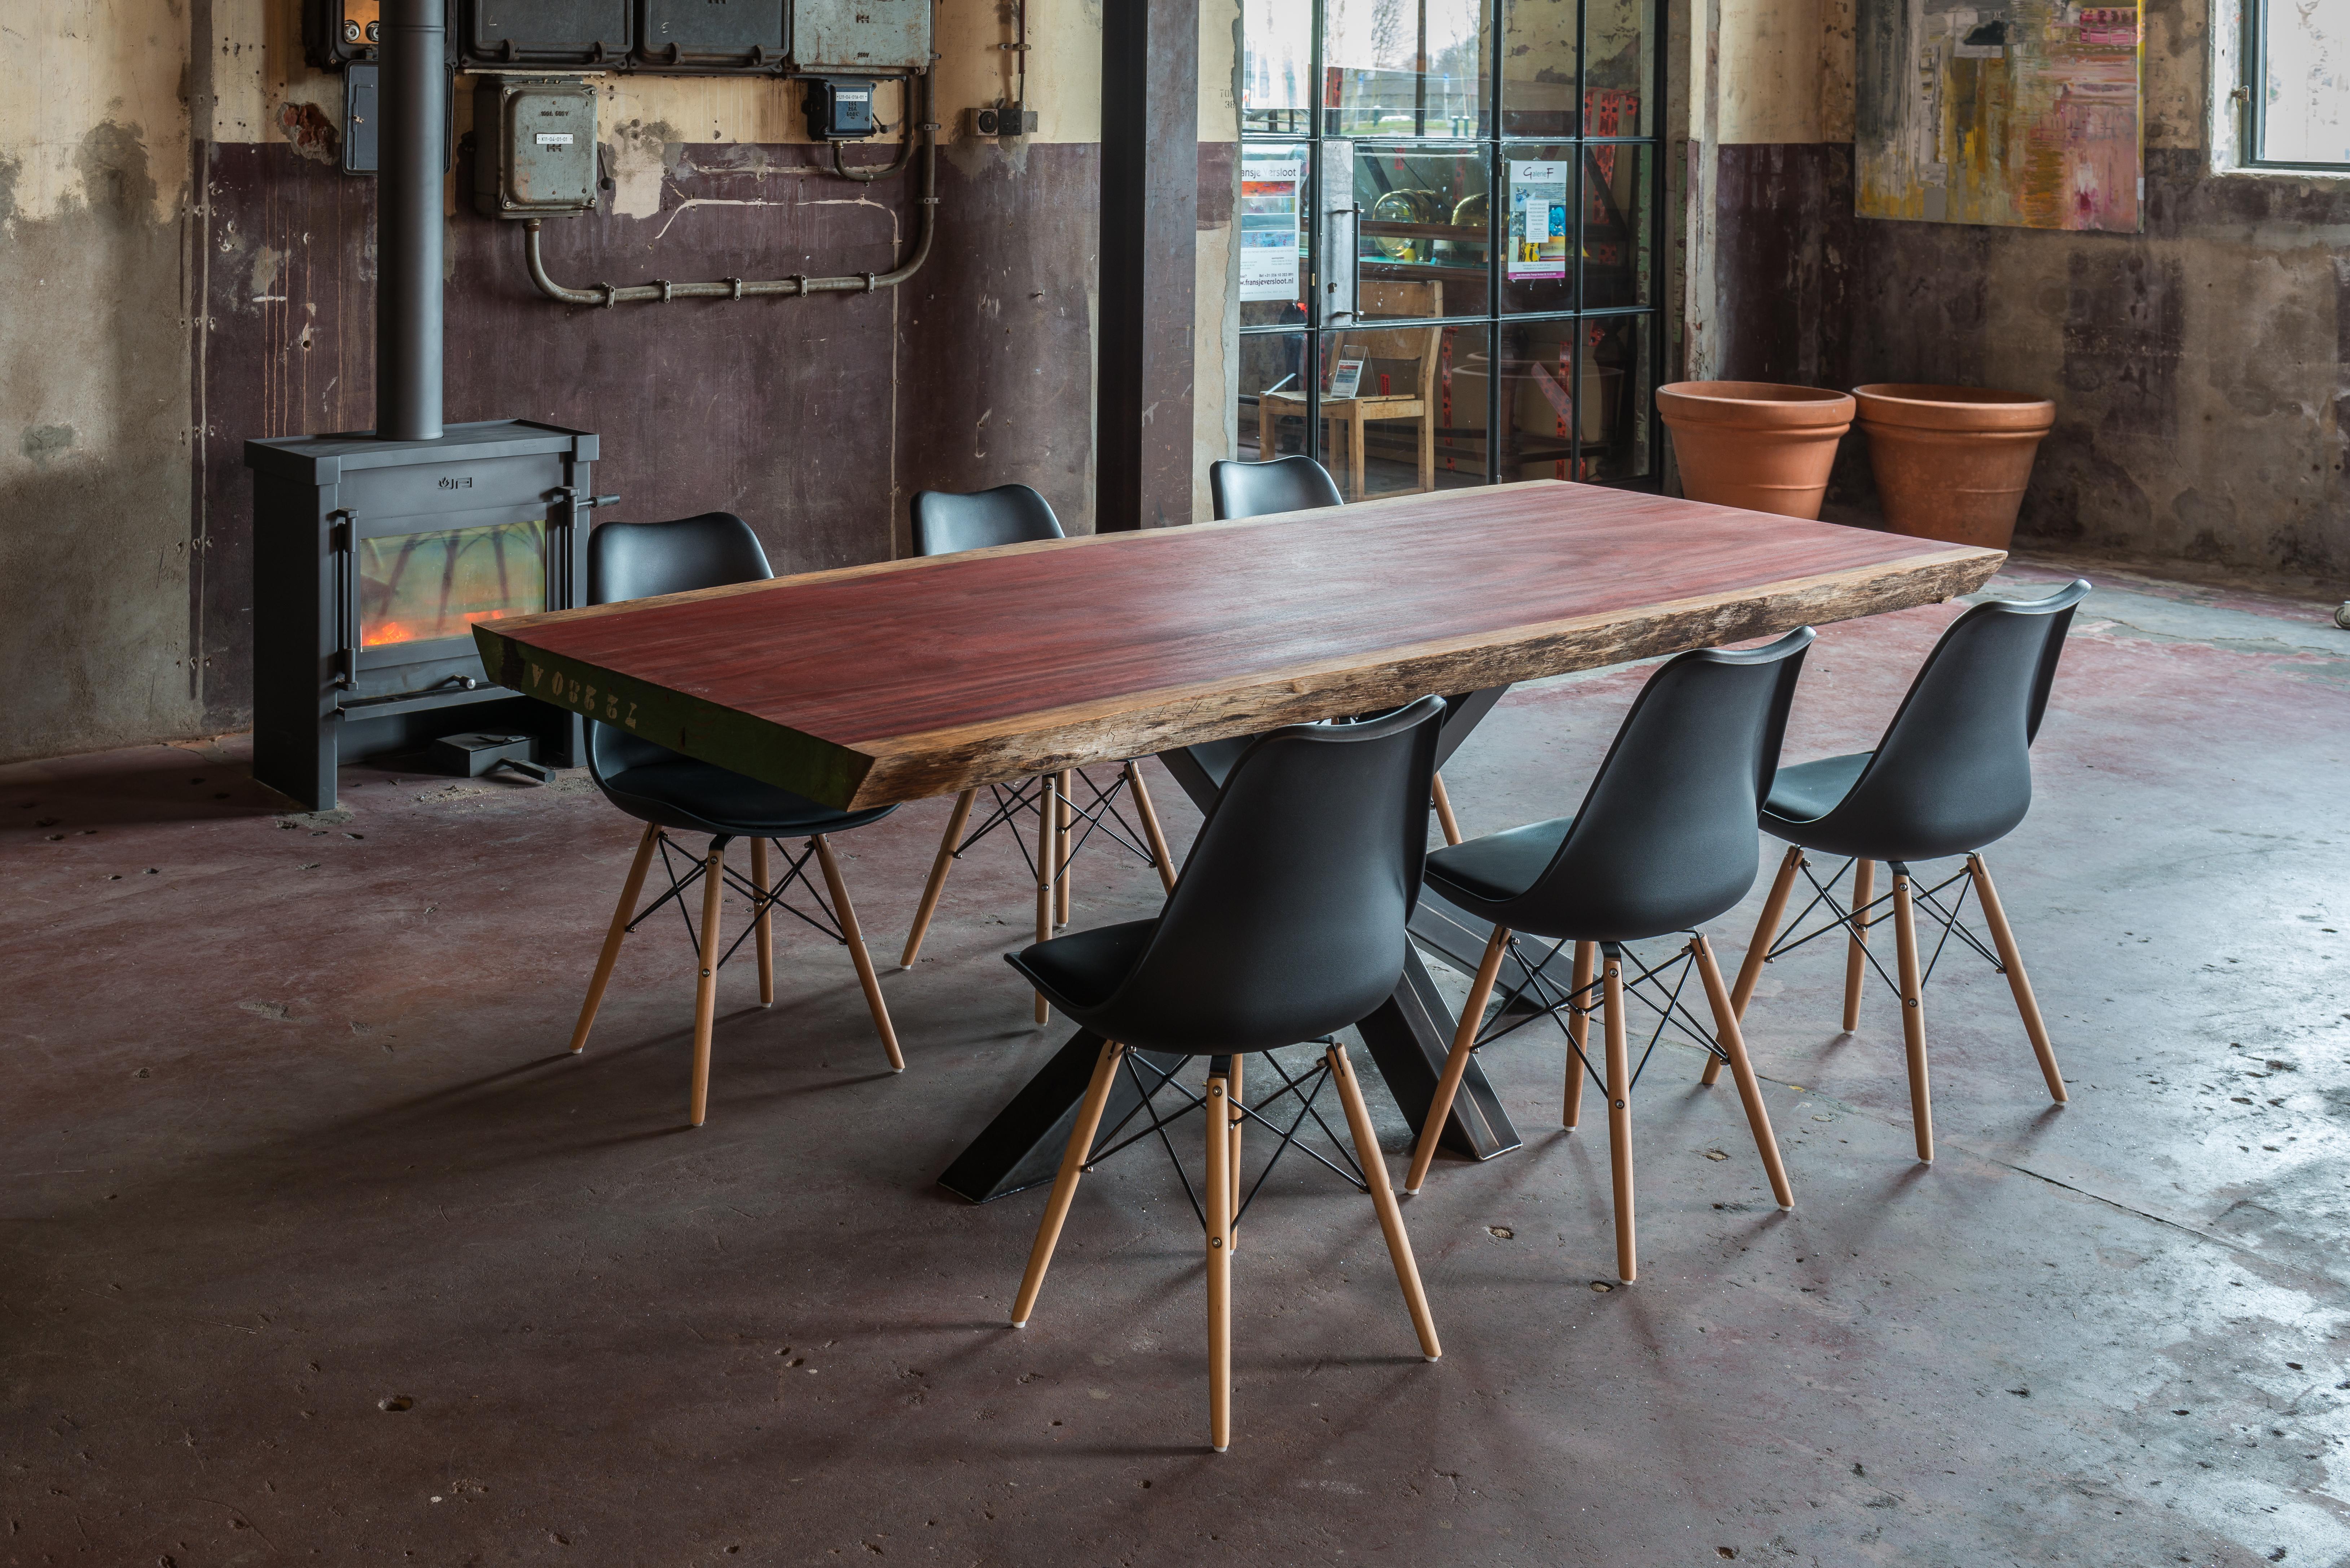 Houten Boomstam Tafel : Boomstamtafel uit stuk hout eppinga